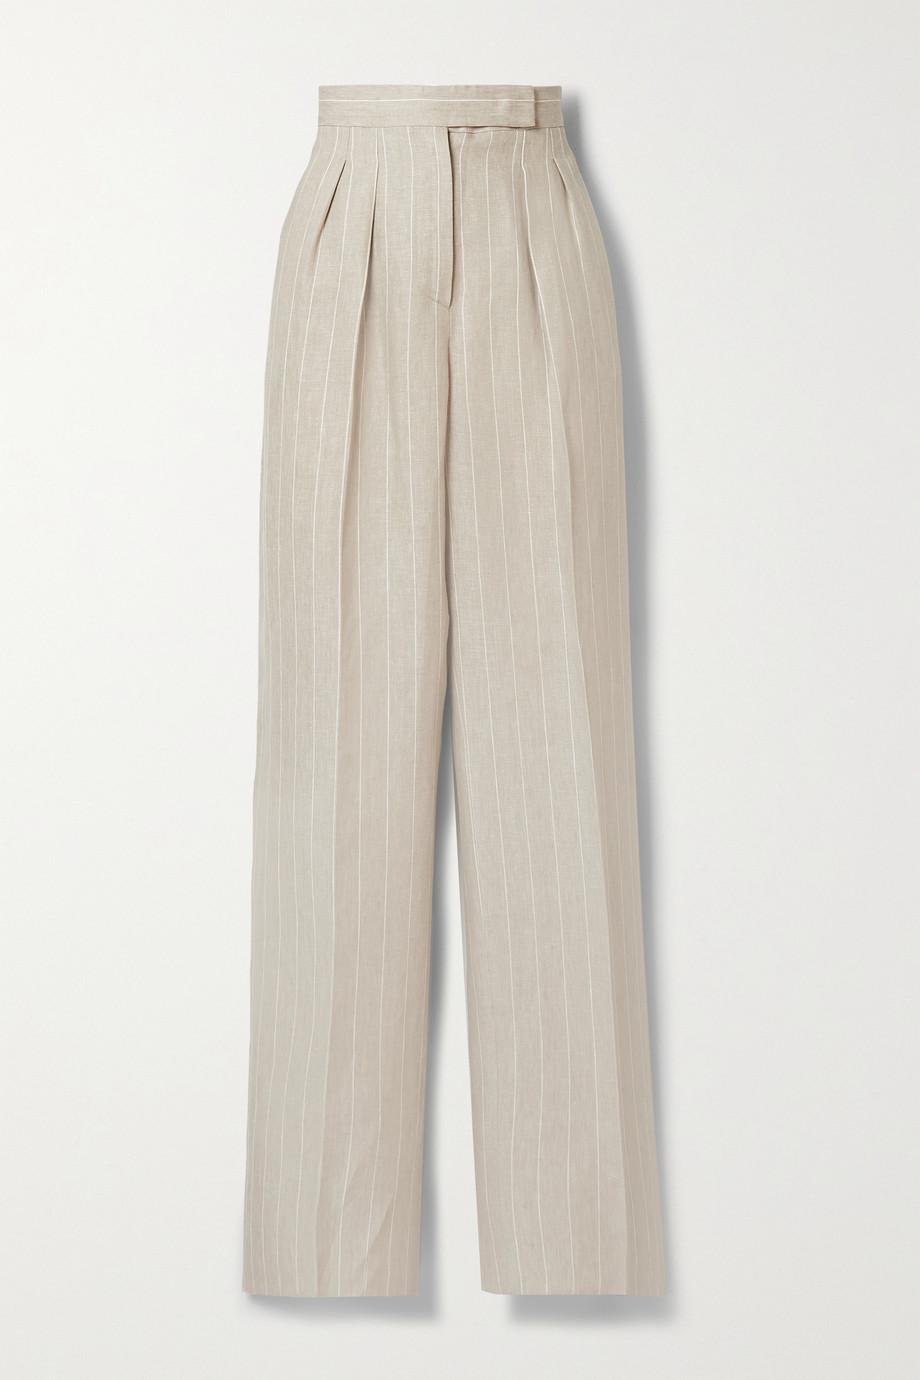 Max Mara Lallo Hose mit weitem Bein aus Leinen mit Nadelstreifen